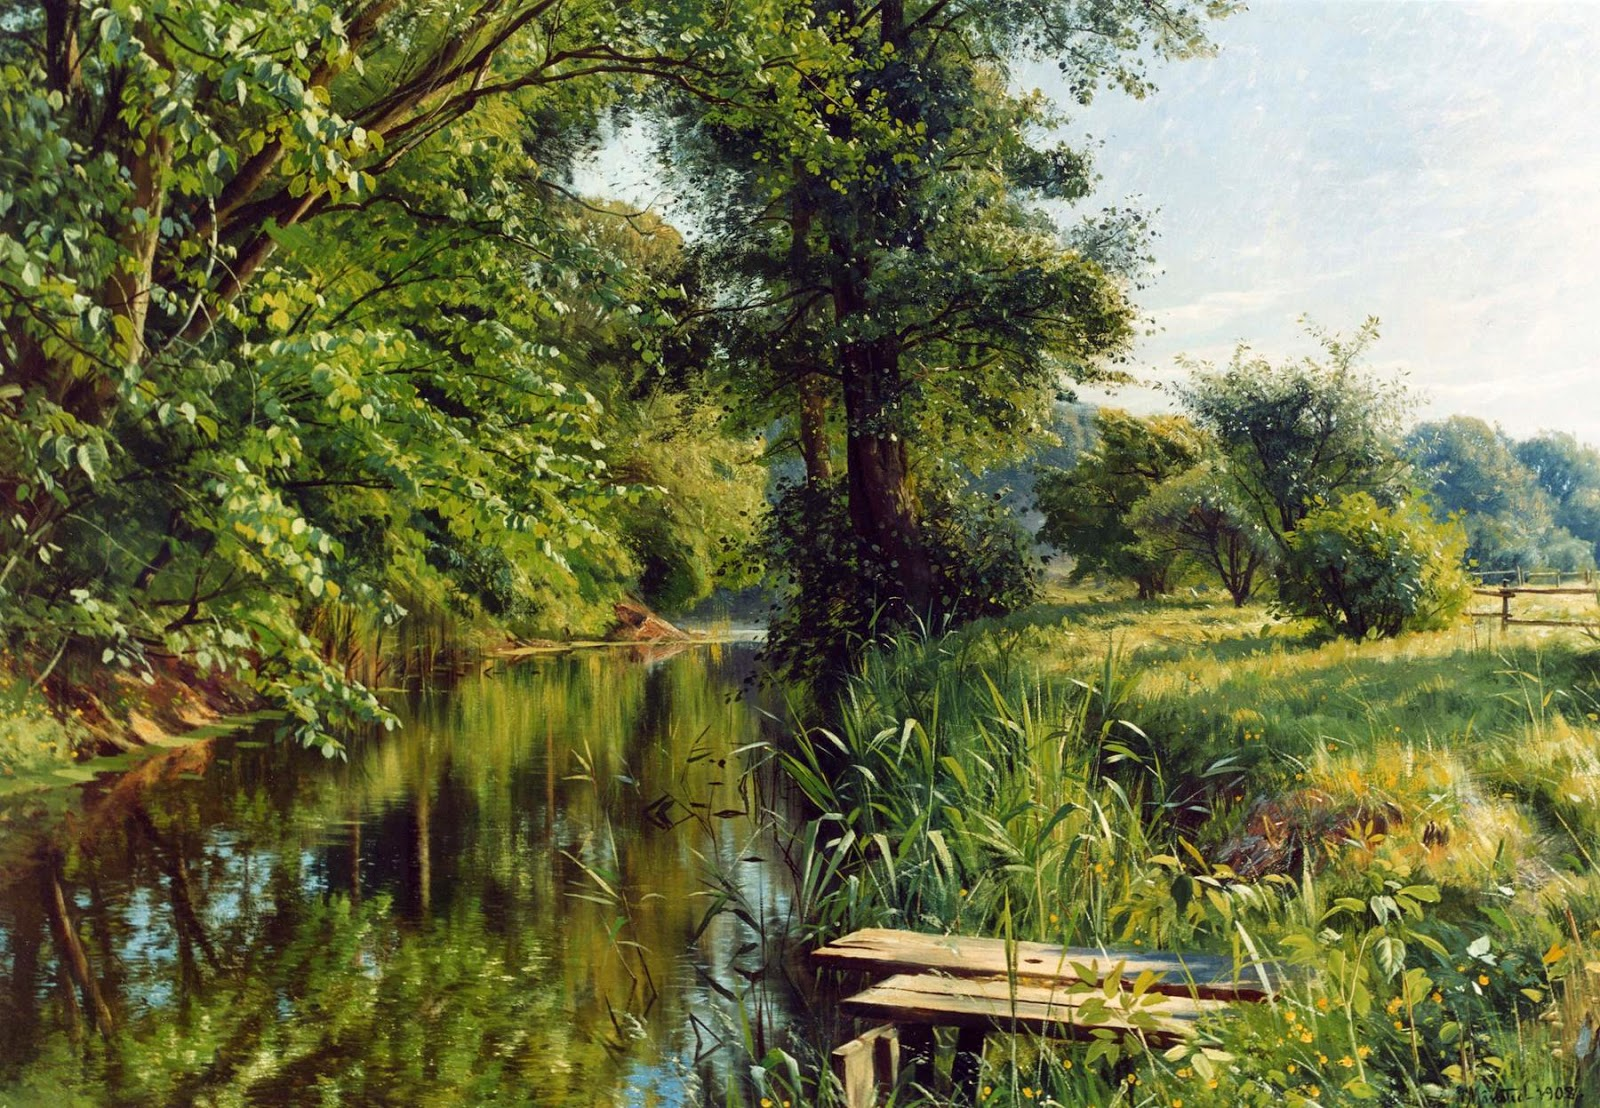 Петер Мёрк Мёнстед  «Размышления весны», (1859-1941) Дания